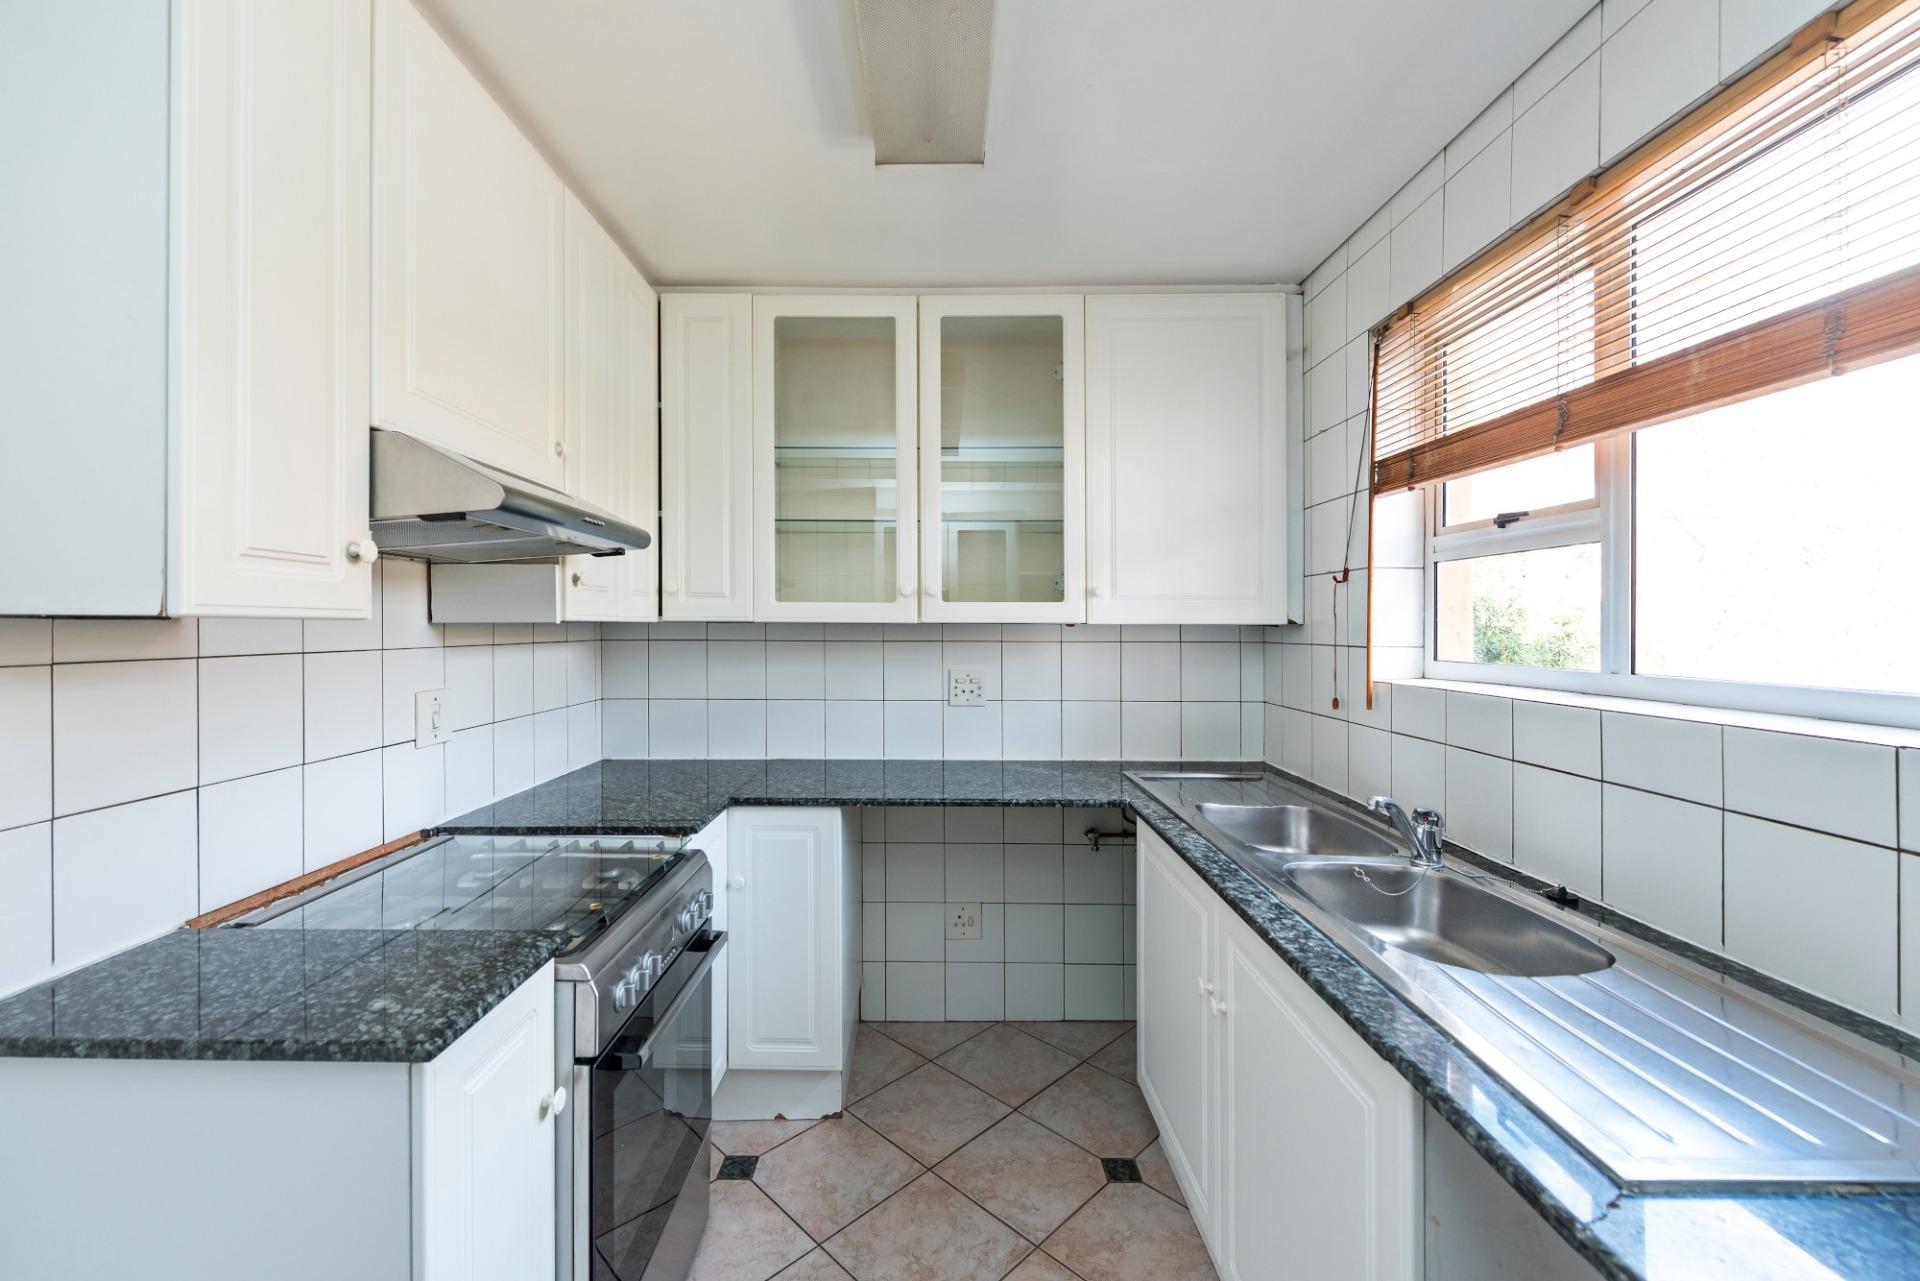 3c the riviera robert kitchen whole view.jpeg